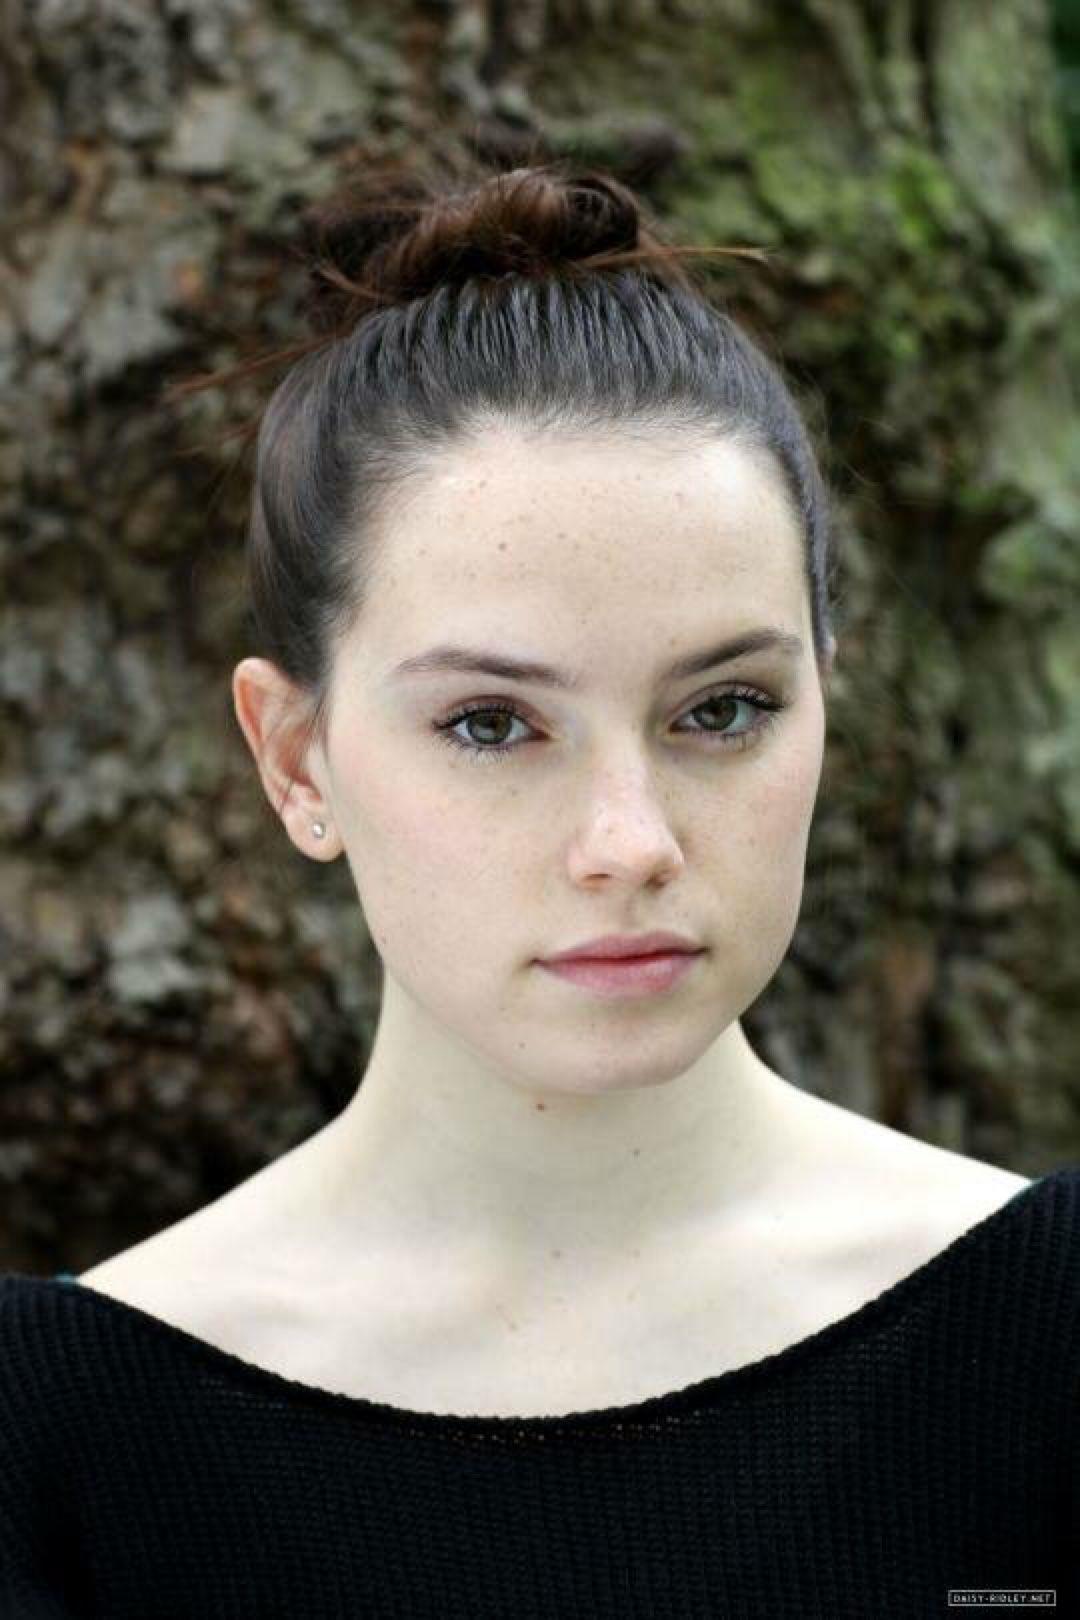 Daisy Ridley (born 1992)